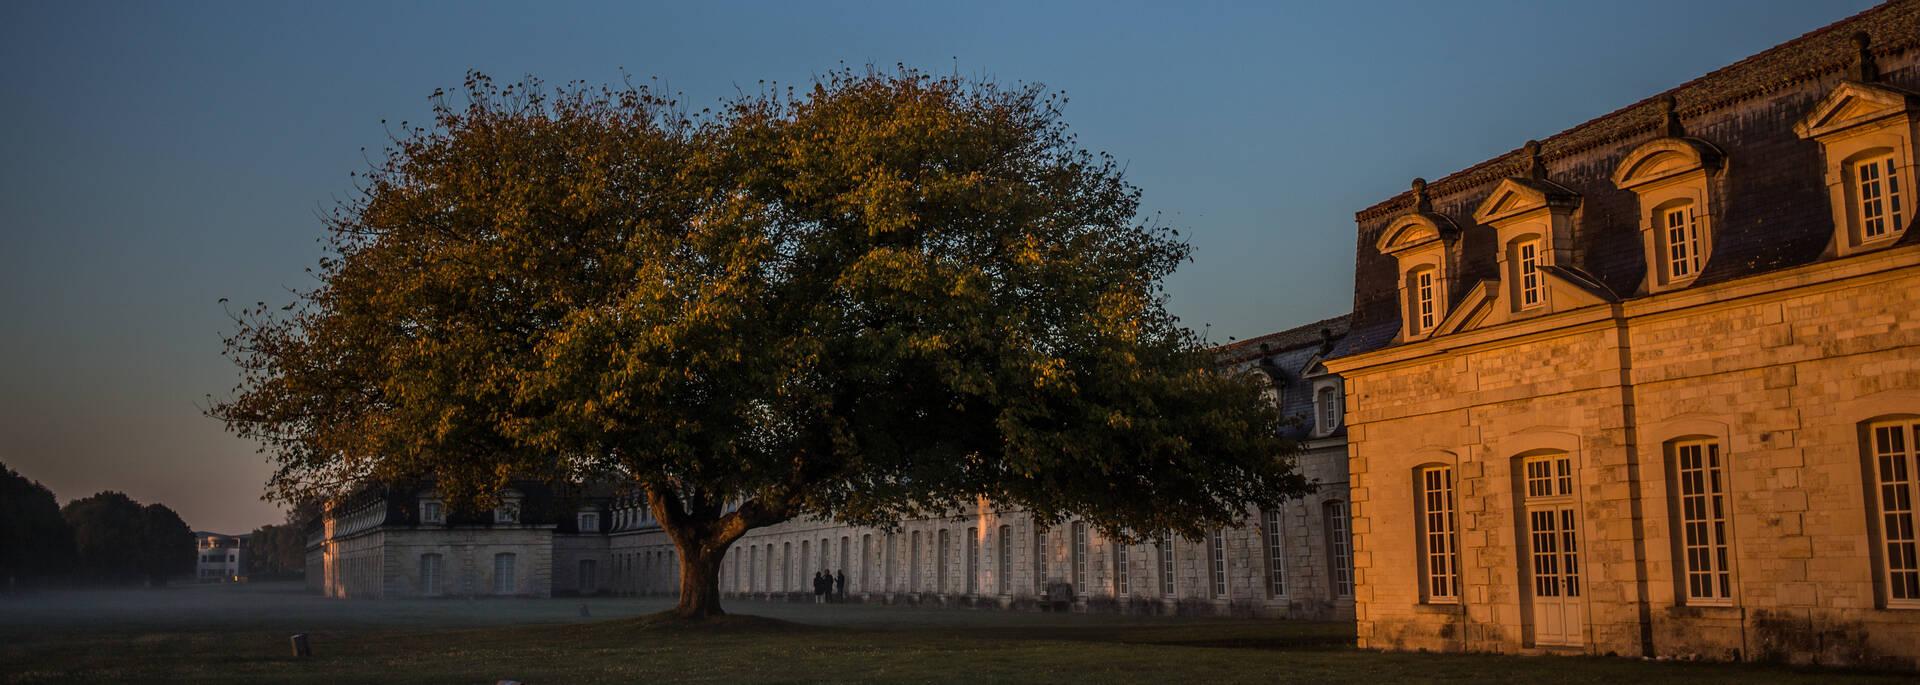 Lever de soleil sur la Corderie Royale à Rochefort - © Images & Emotion